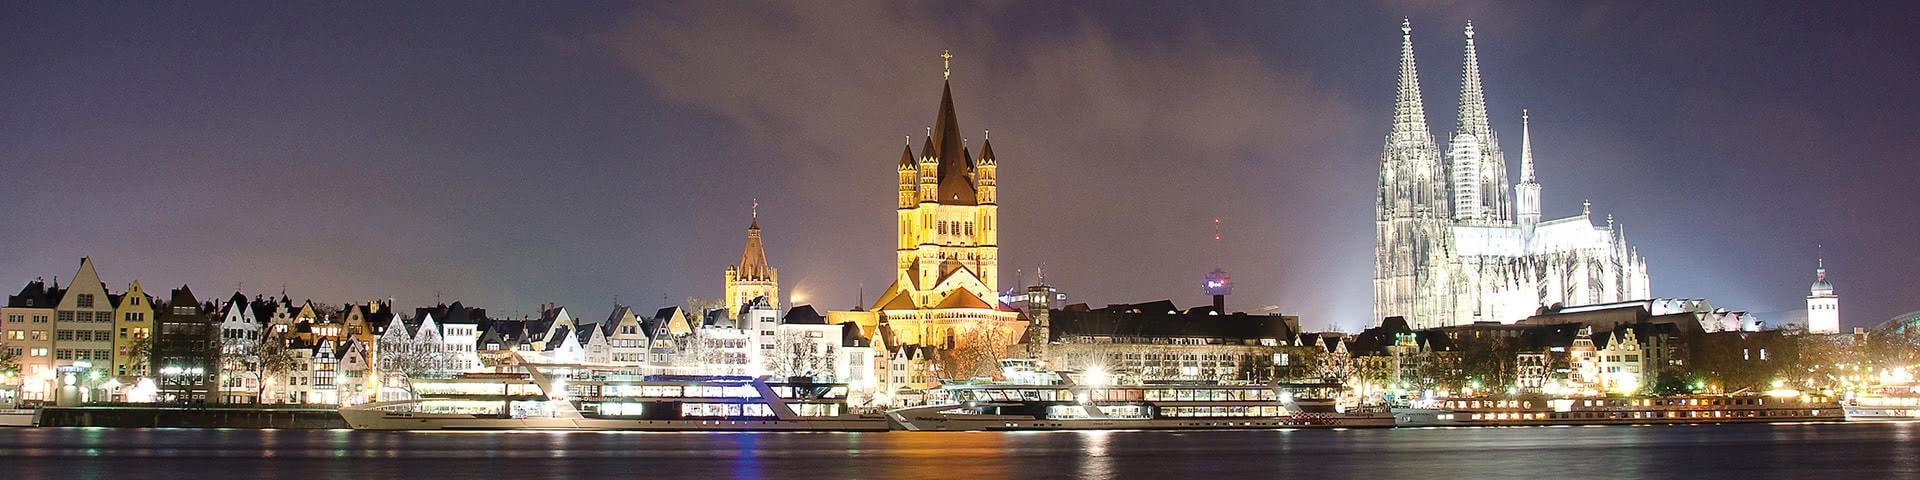 Schiffe auf dem Rhein vor der beleucteten Kölner Altstadt